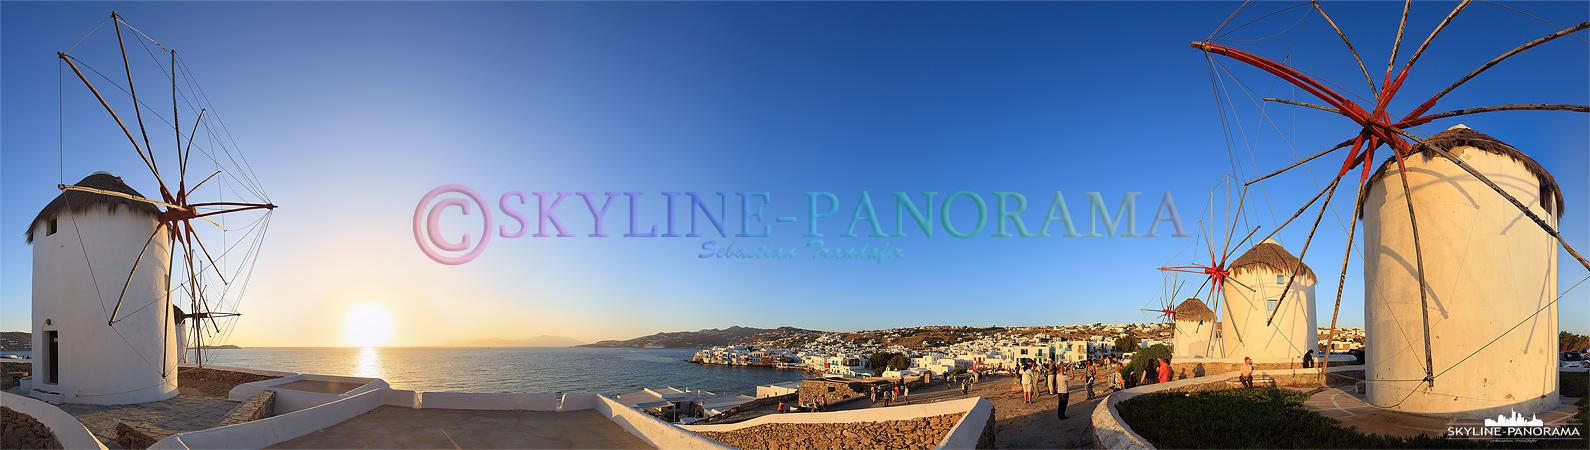 Der Mühlenberg ist einer der Plätze um den Sonnenuntergang von Mykonos erleben zu können. Zahlreiche Touristen versammeln sich im Schatten der fünf Windmühlen.